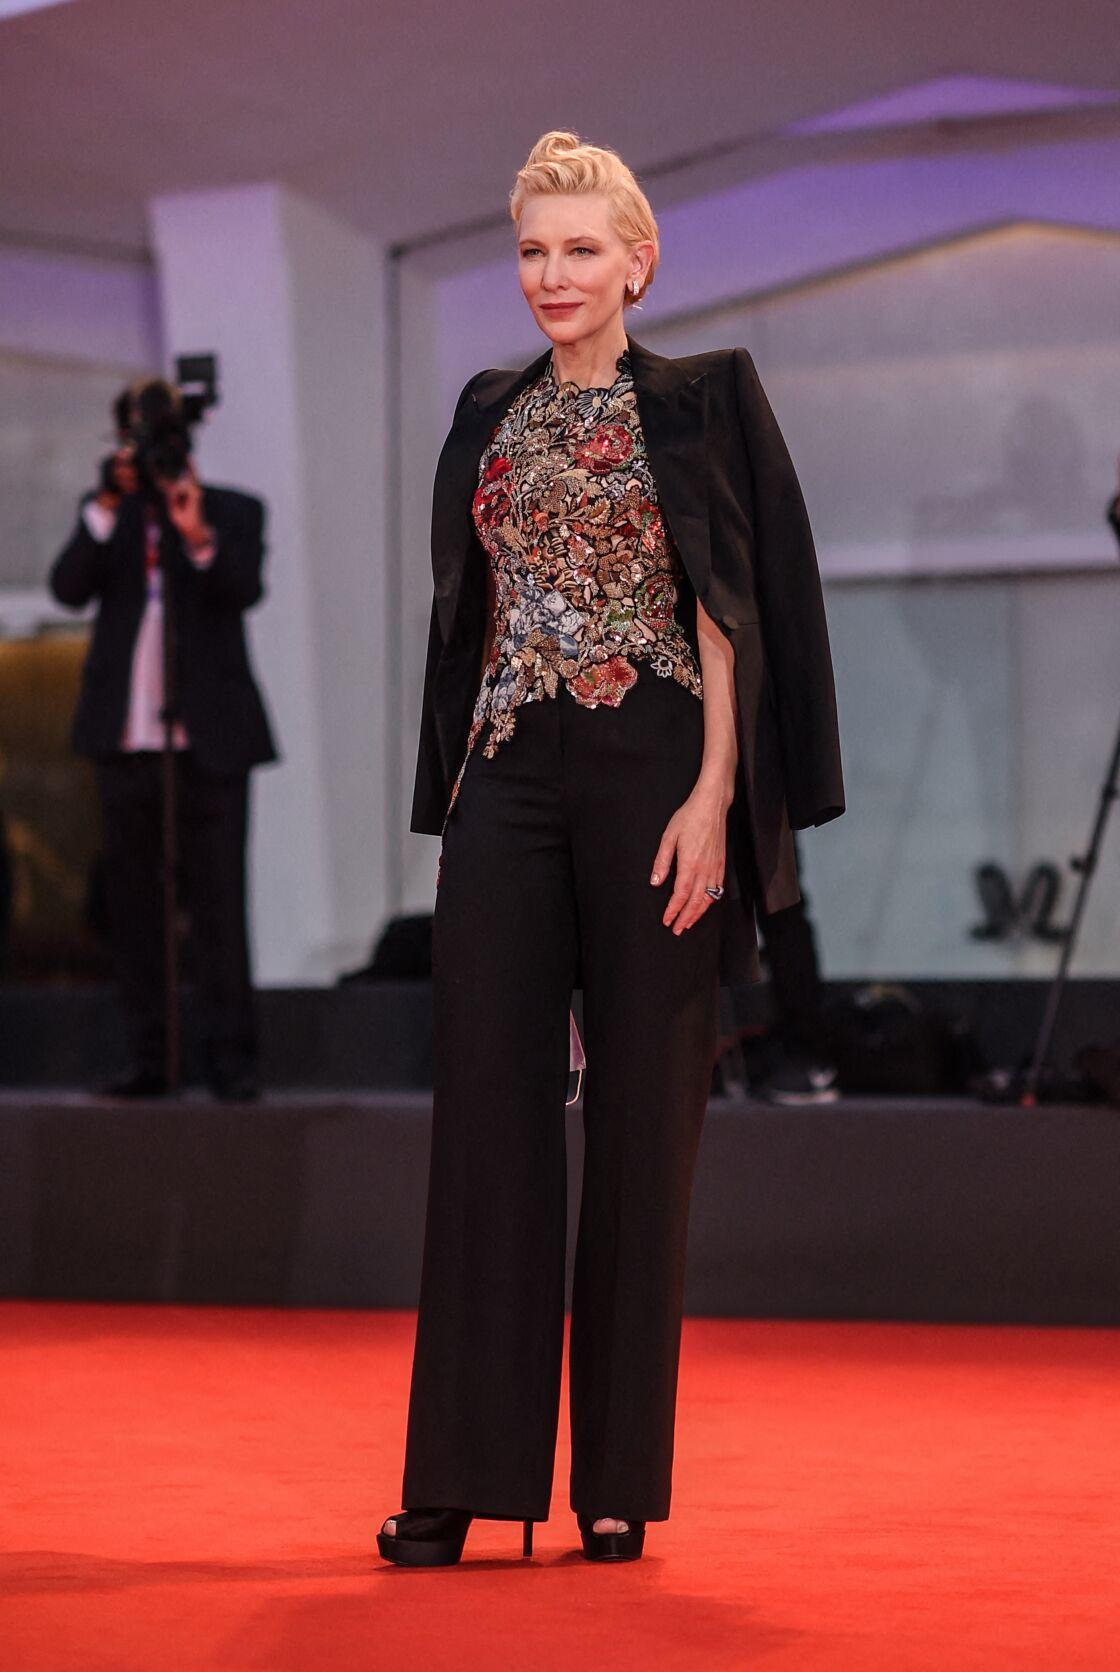 Cate Blanchett sophistique son costume d'homme avec un top brodé imprimé